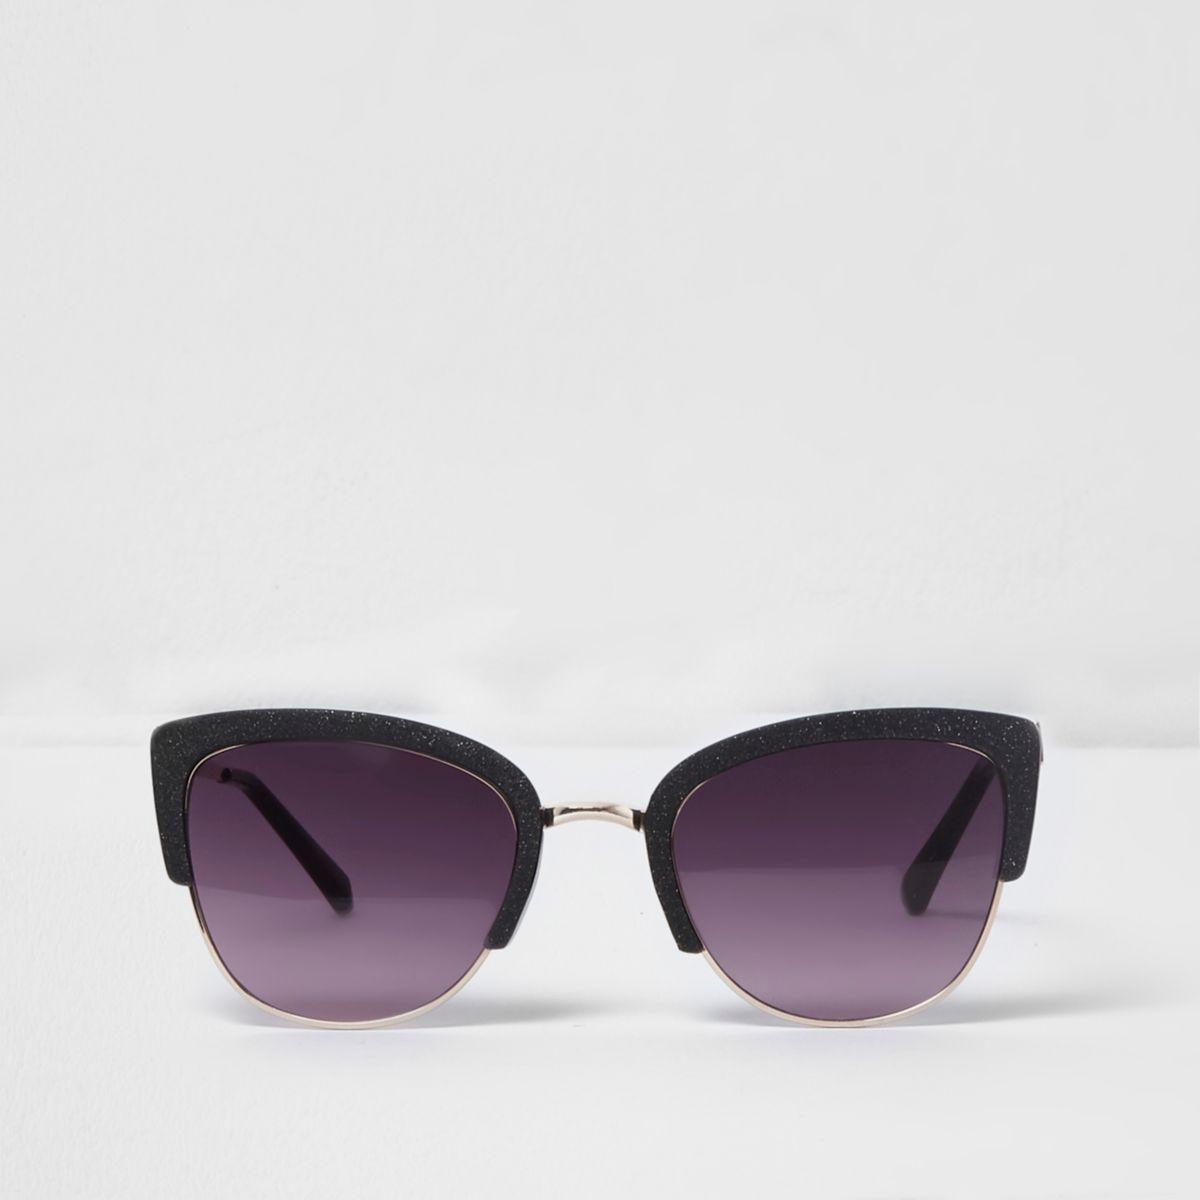 Black glitter cat eye oxblood lens sunglasses